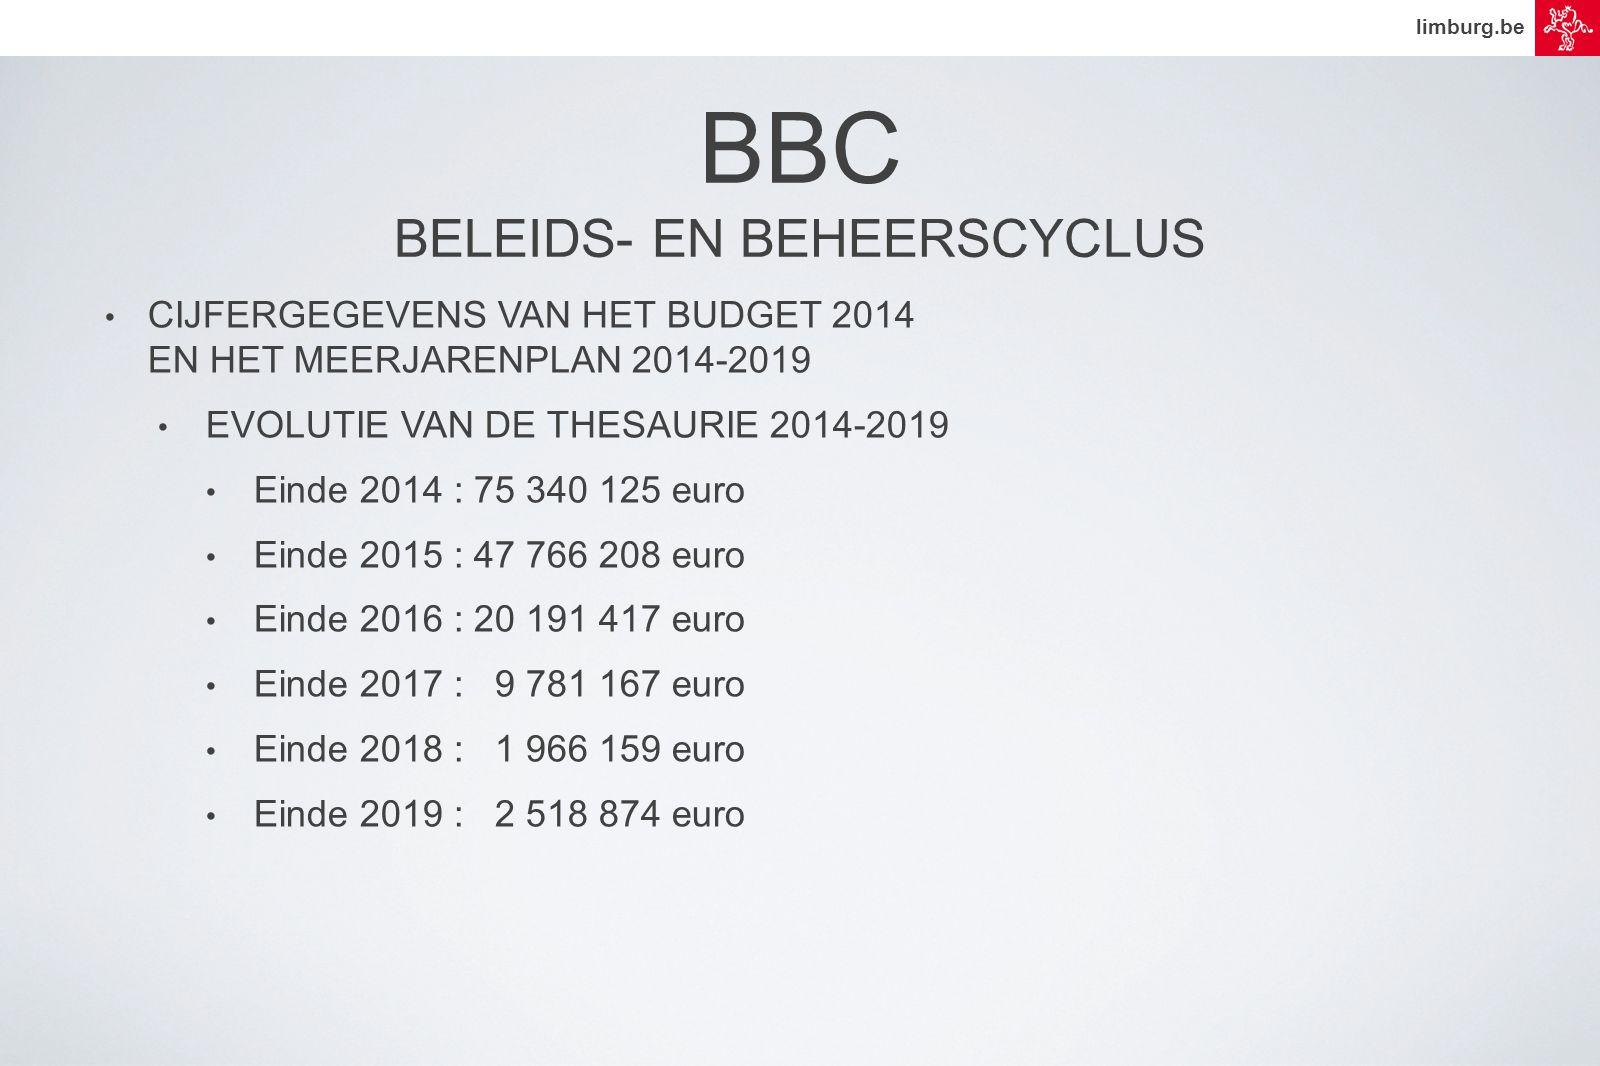 limburg.be • CIJFERGEGEVENS VAN HET BUDGET 2014 EN HET MEERJARENPLAN 2014-2019 • EVOLUTIE VAN DE THESAURIE 2014-2019 • Einde 2014 : 75 340 125 euro • Einde 2015 : 47 766 208 euro • Einde 2016 : 20 191 417 euro • Einde 2017 : 9 781 167 euro • Einde 2018 : 1 966 159 euro • Einde 2019 : 2 518 874 euro BBC BELEIDS- EN BEHEERSCYCLUS